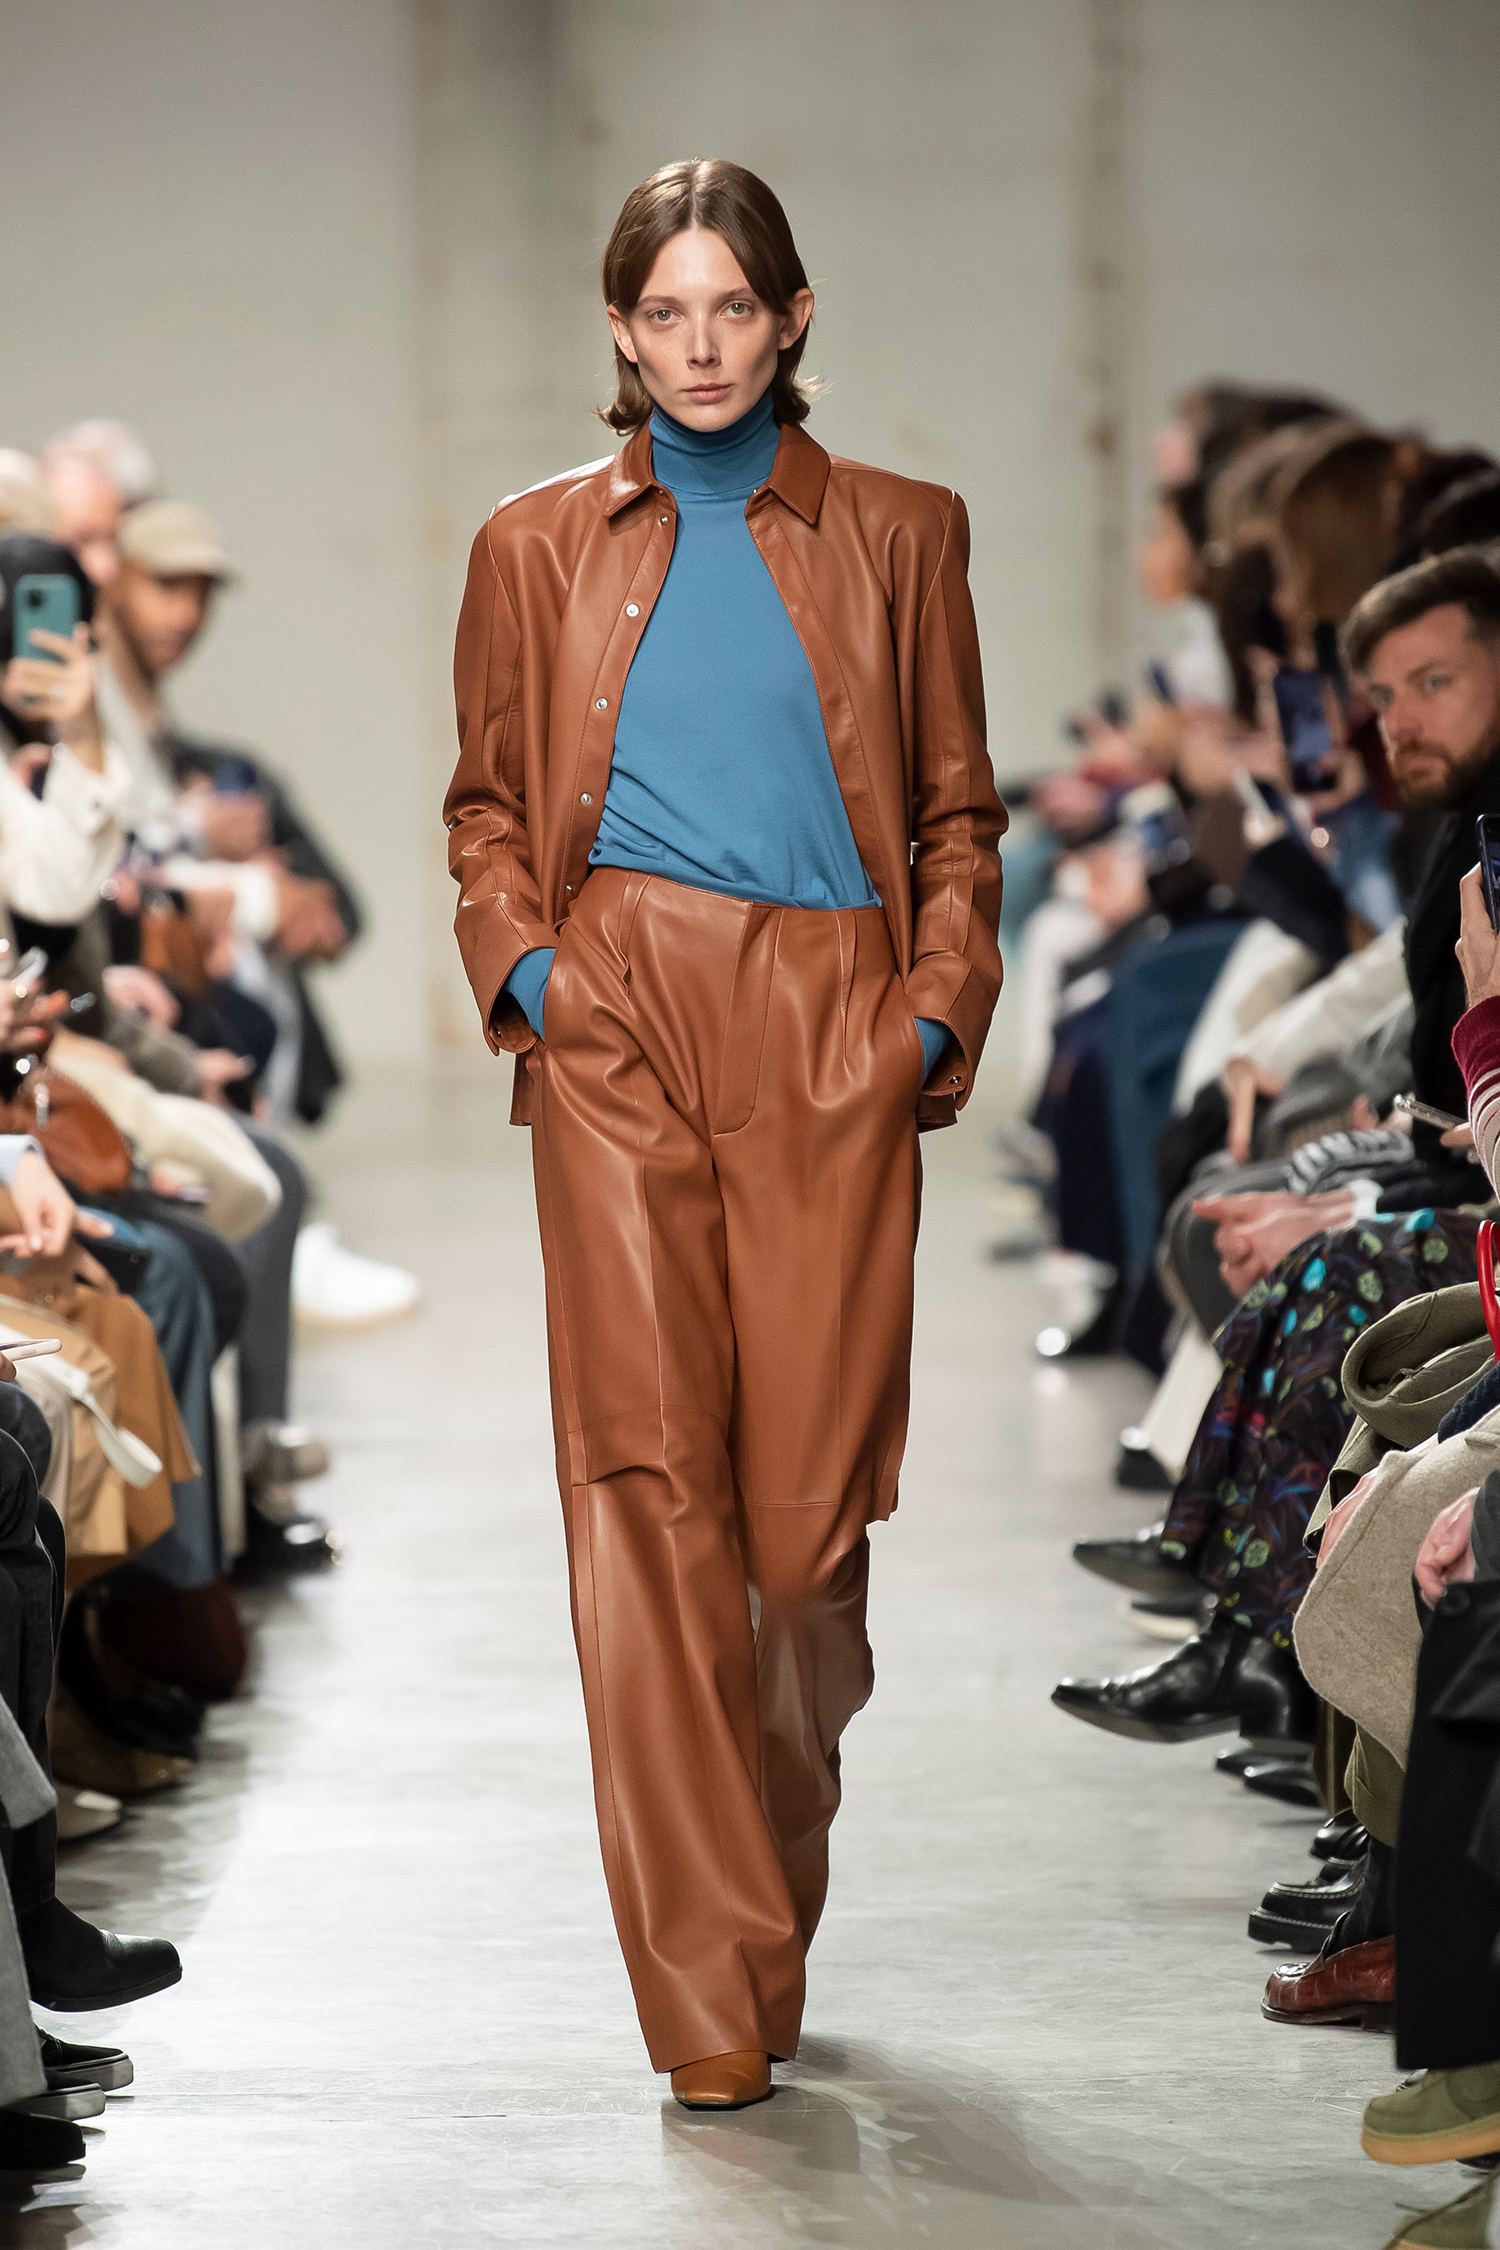 LOOK 36 Shirt ROMANA Knitwear RICHARD Trousers ROSELLE